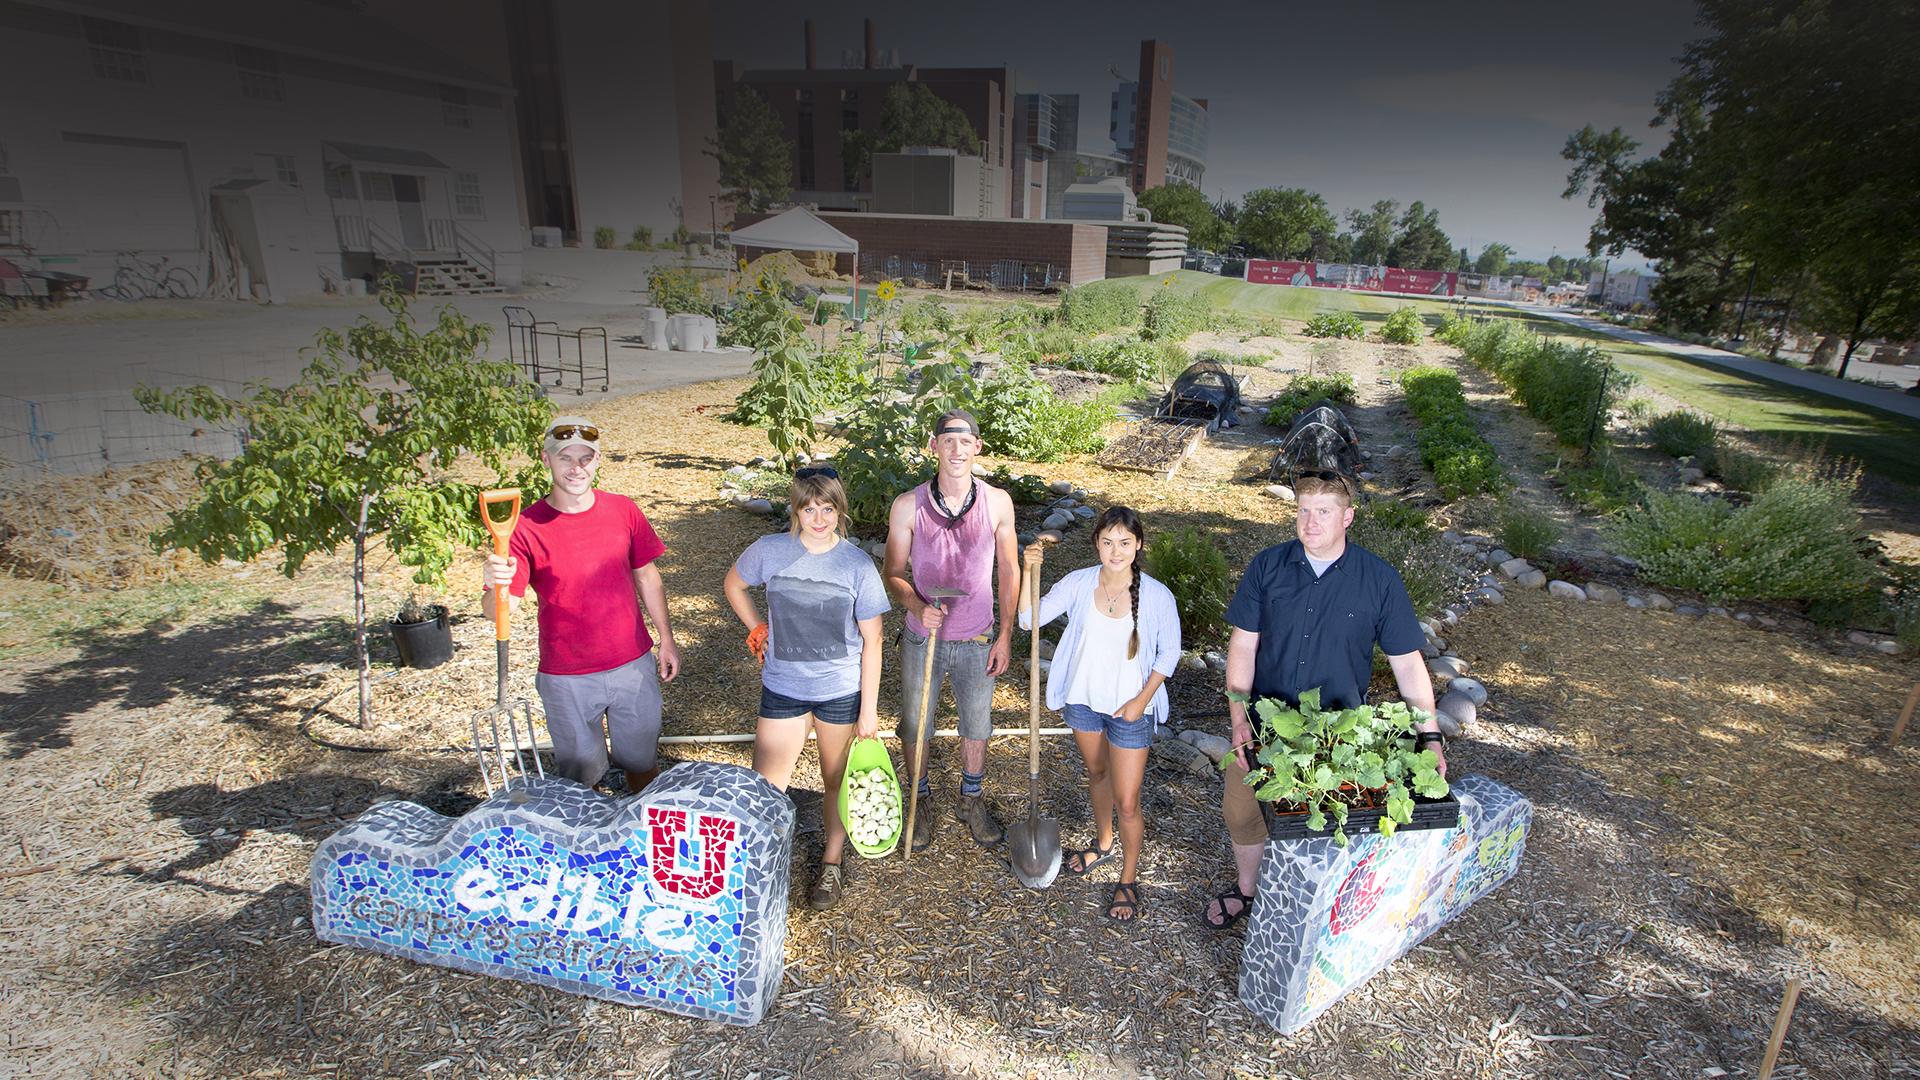 University of Utah Edible Campus Gardens